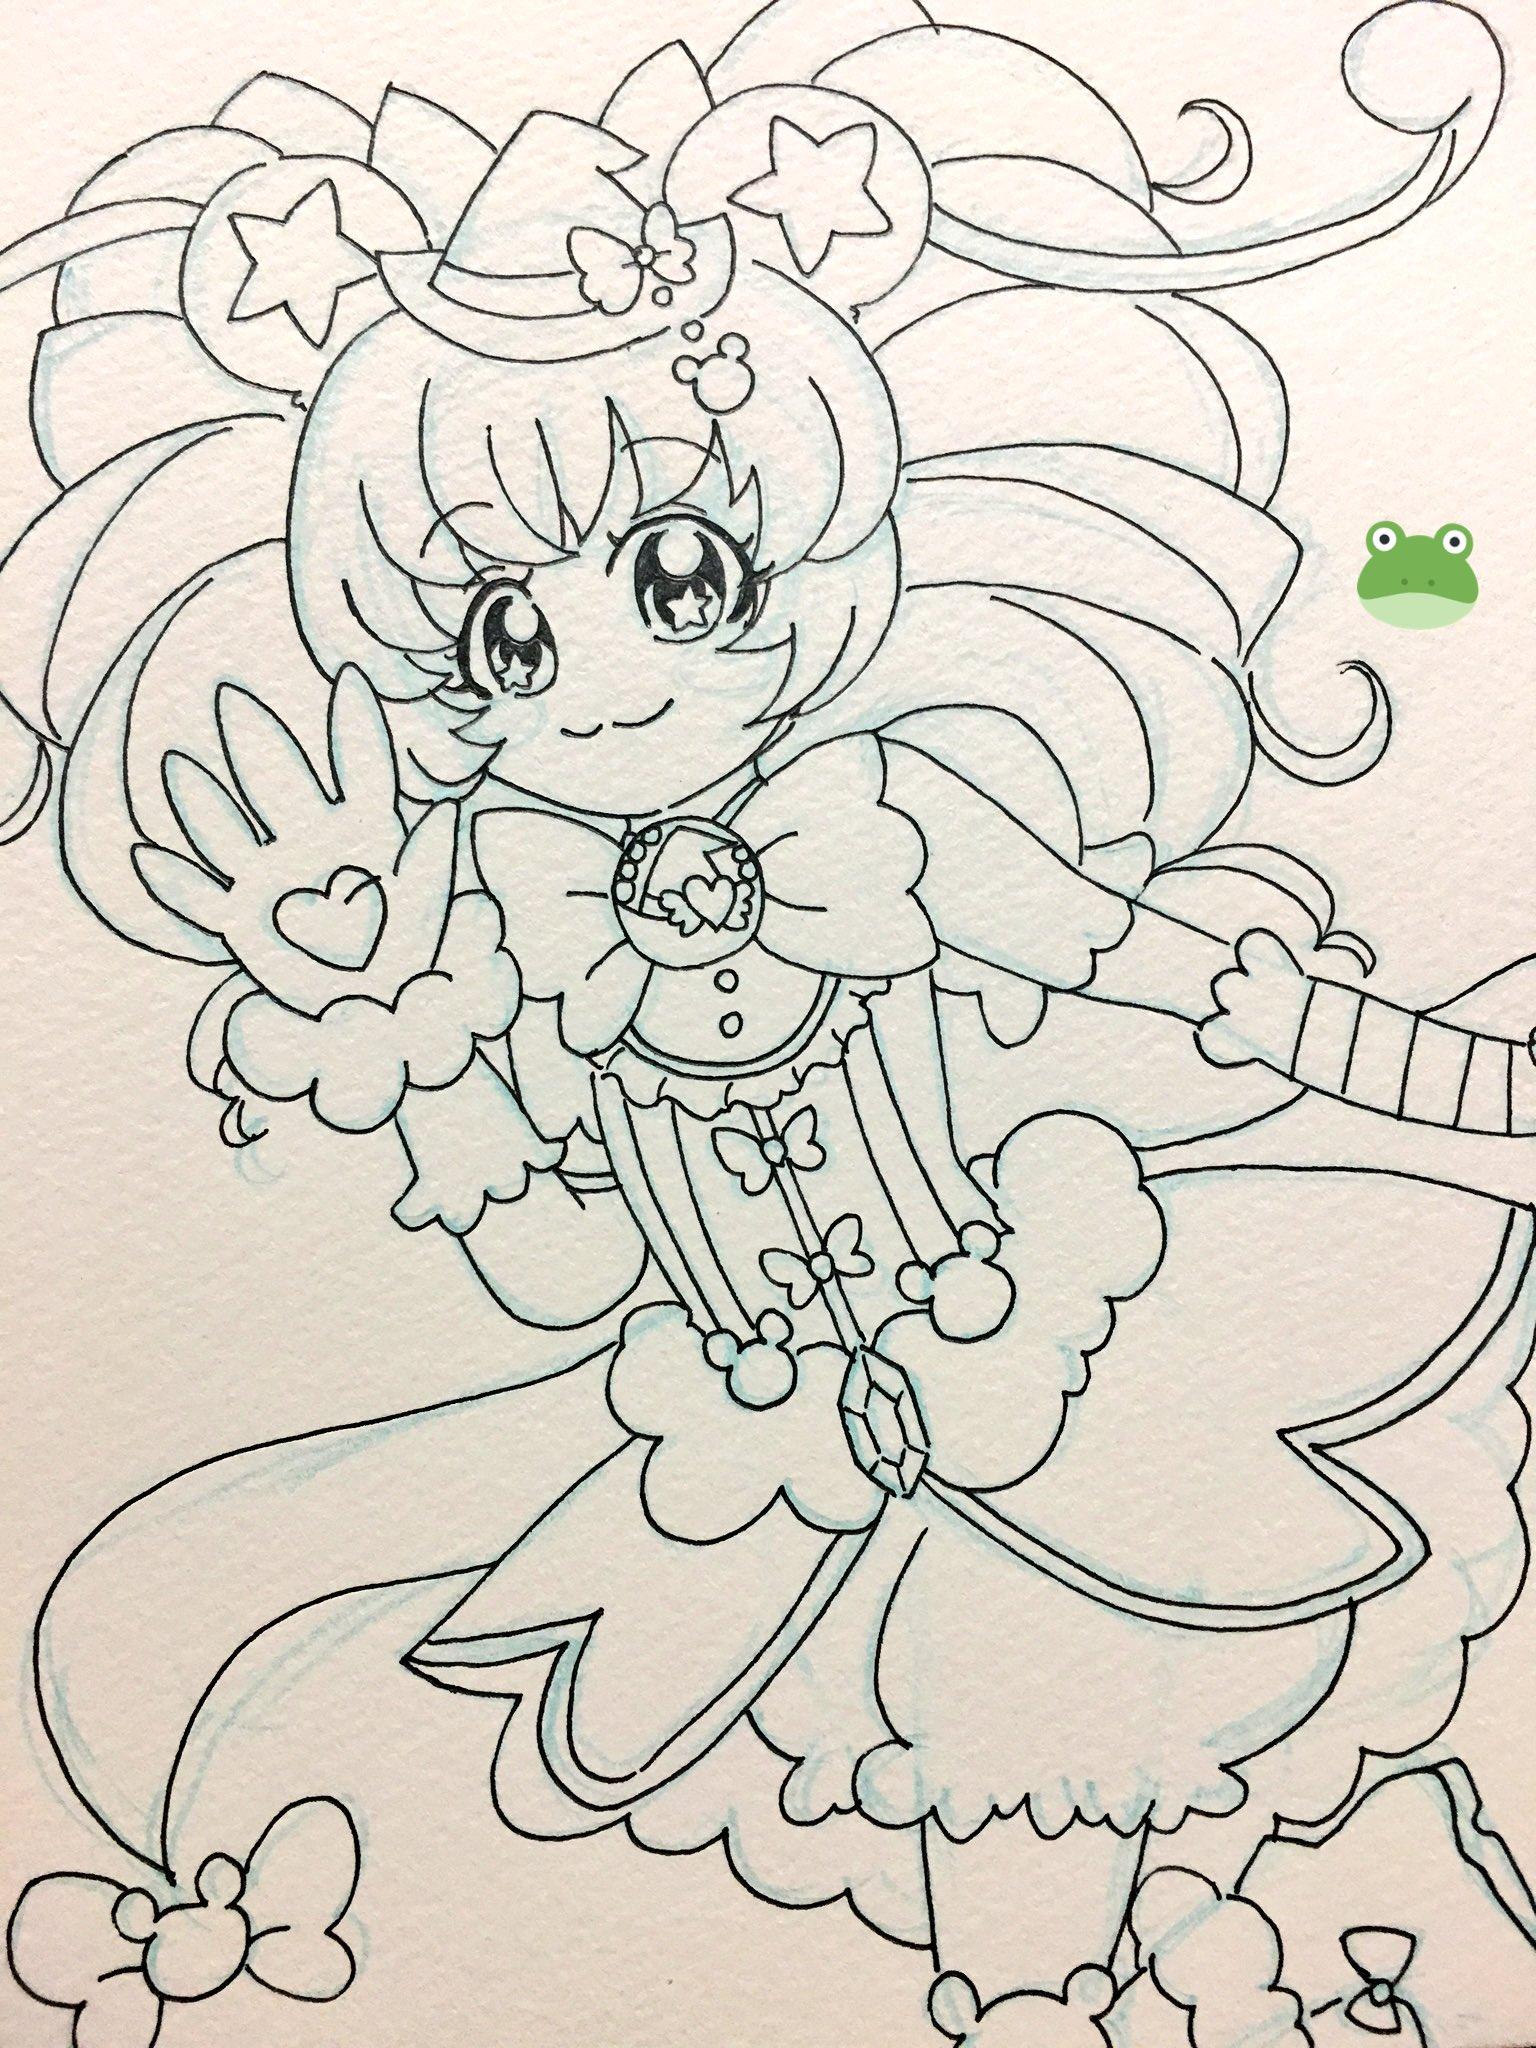 カエル子 (@prkya_cute)さんのイラスト